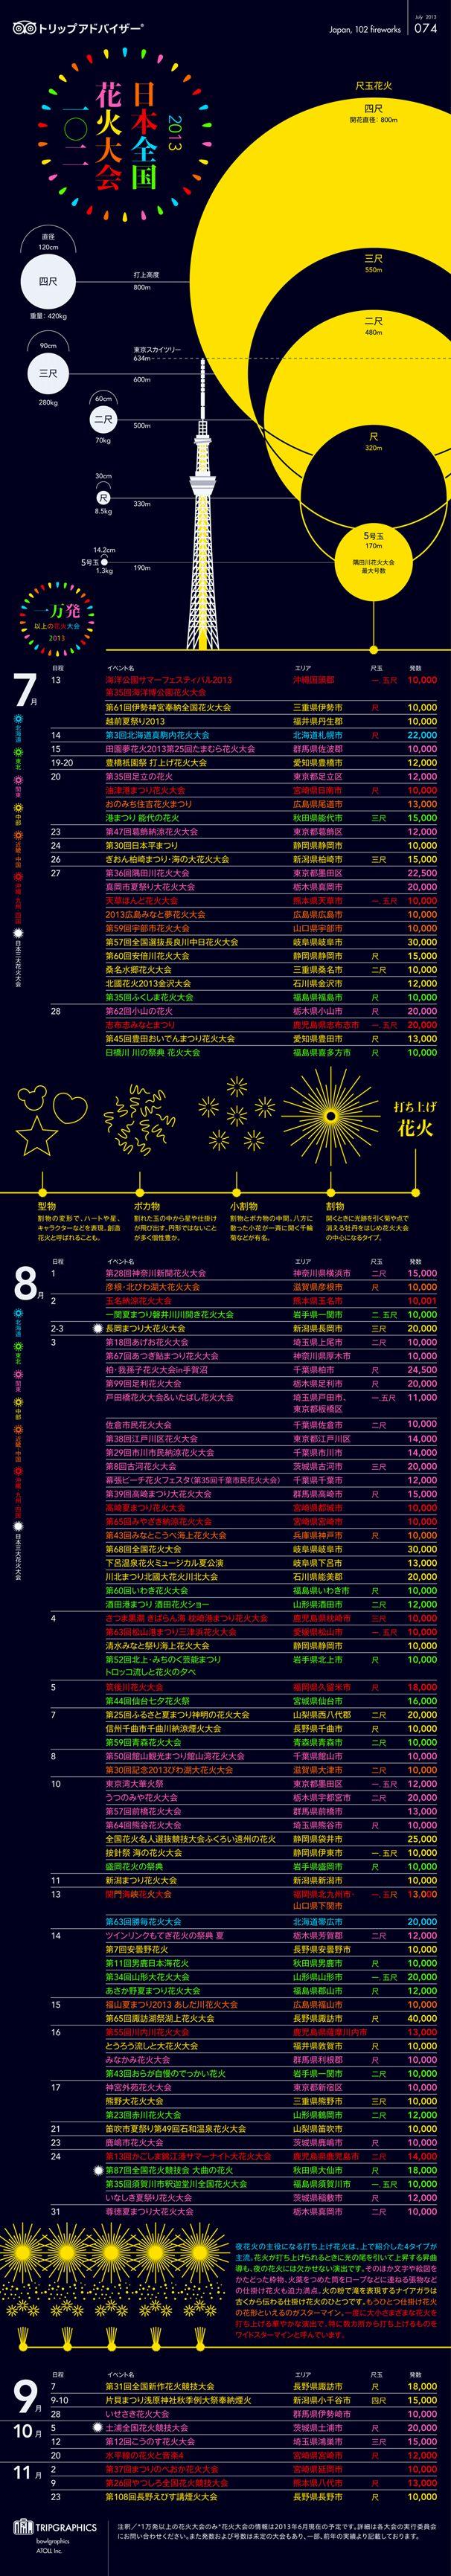 花火:   fireworks in Japan 2013